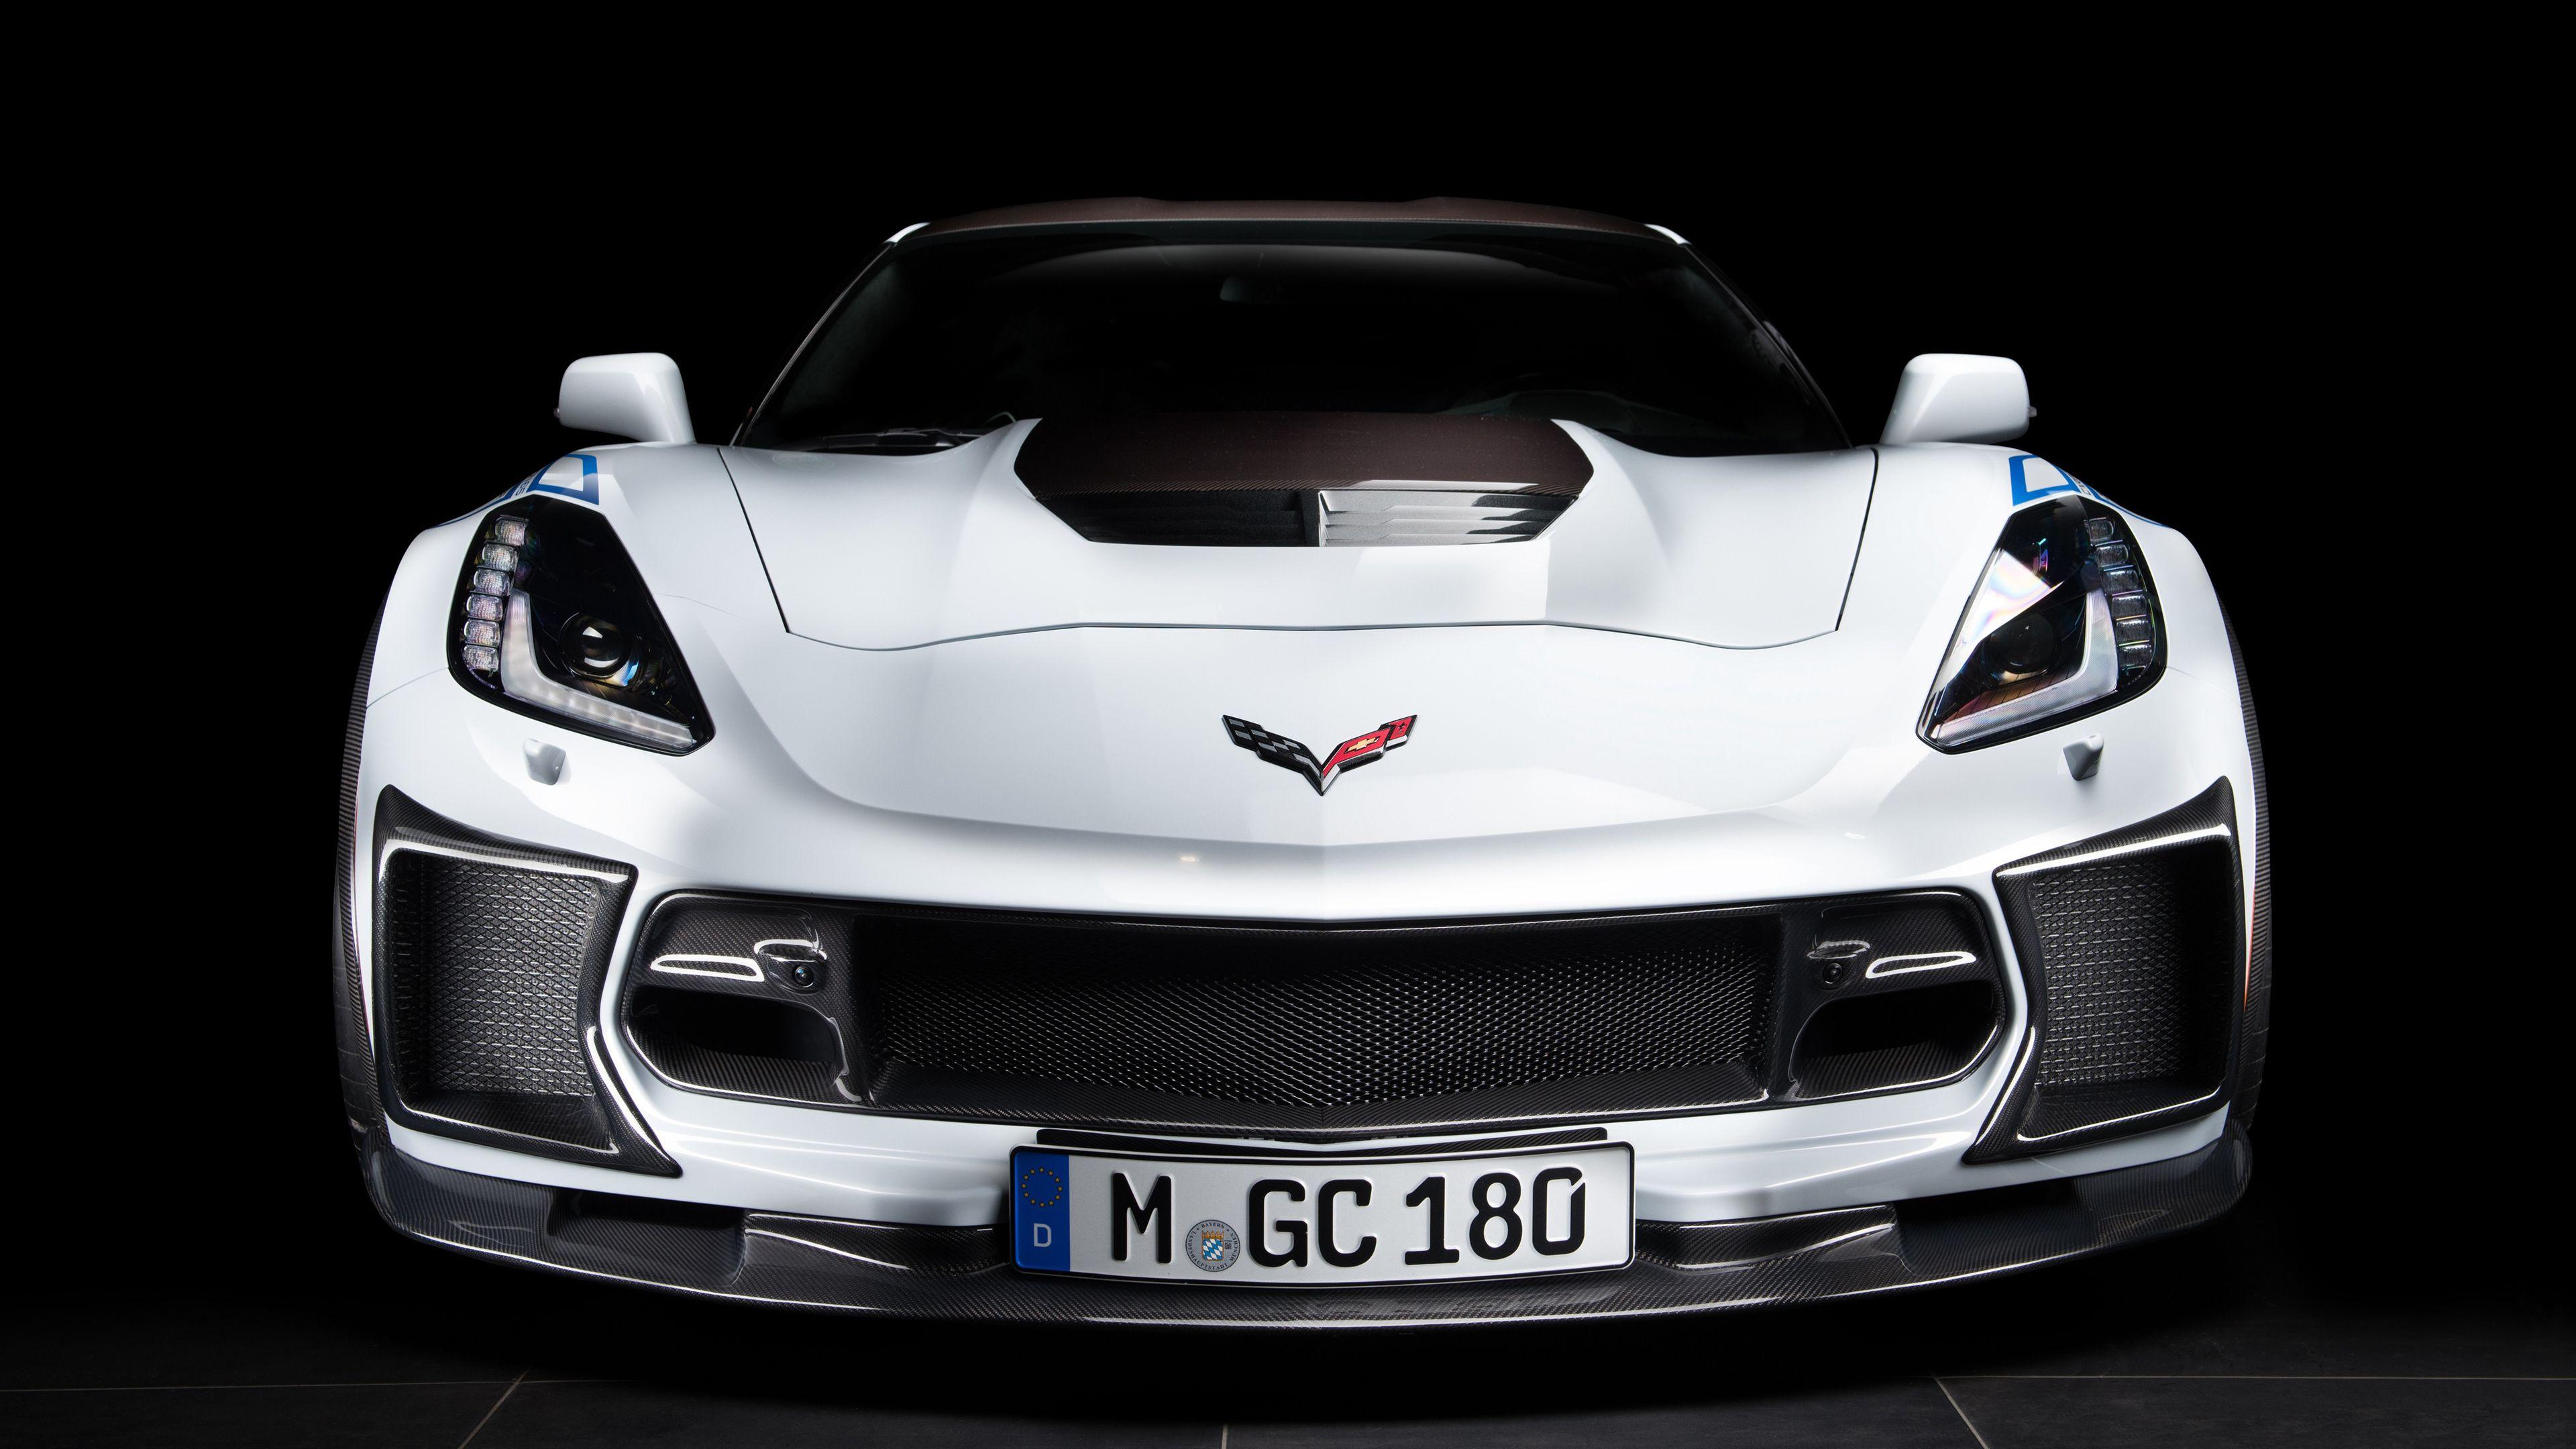 2018 Geiger Chevrolet Corvette Z06 Carbon 65 Edition Hd Wallpapers